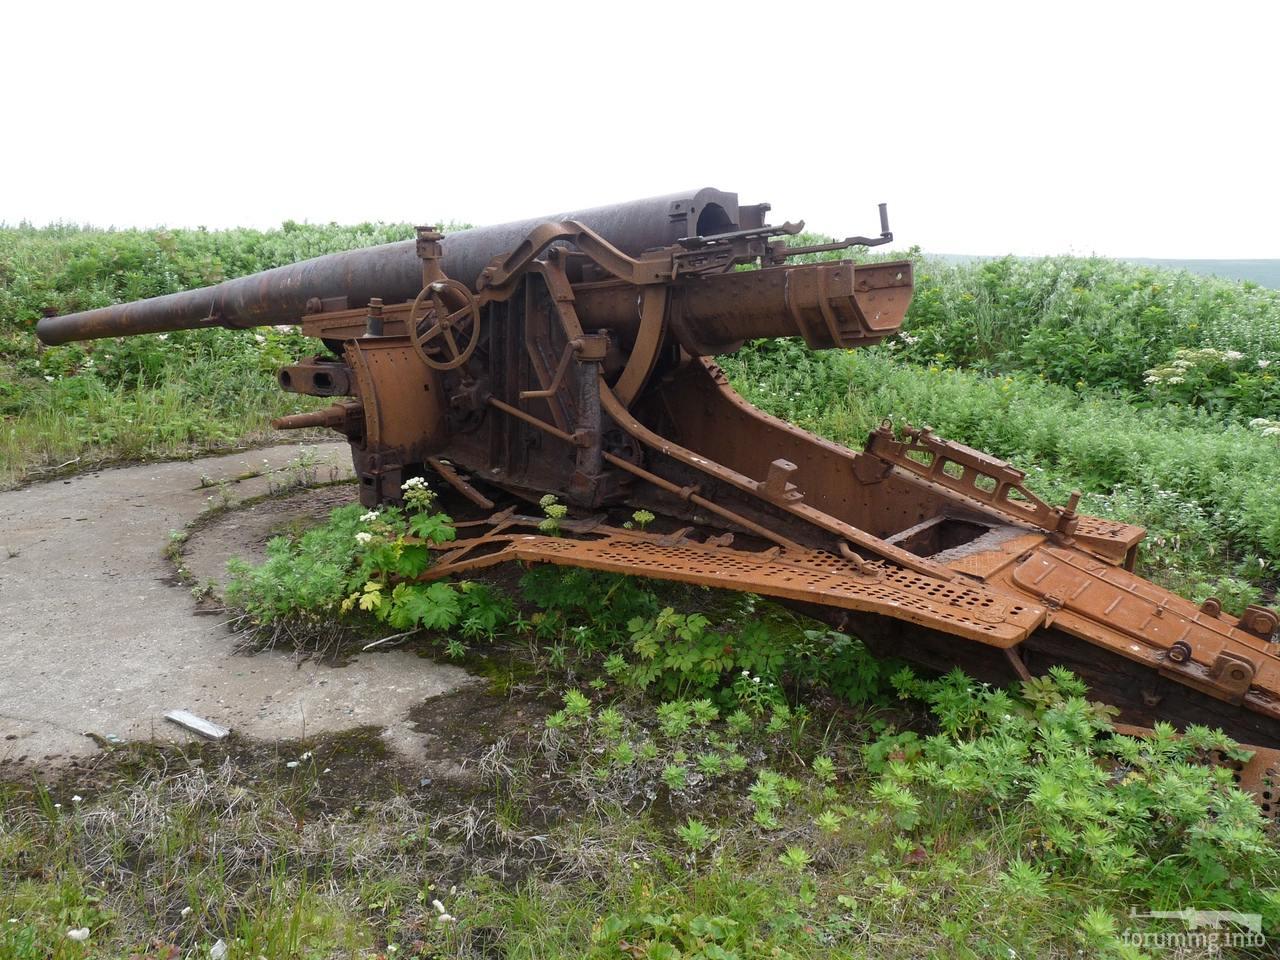 126742 - Корабельные пушки-монстры в музеях и во дворах...